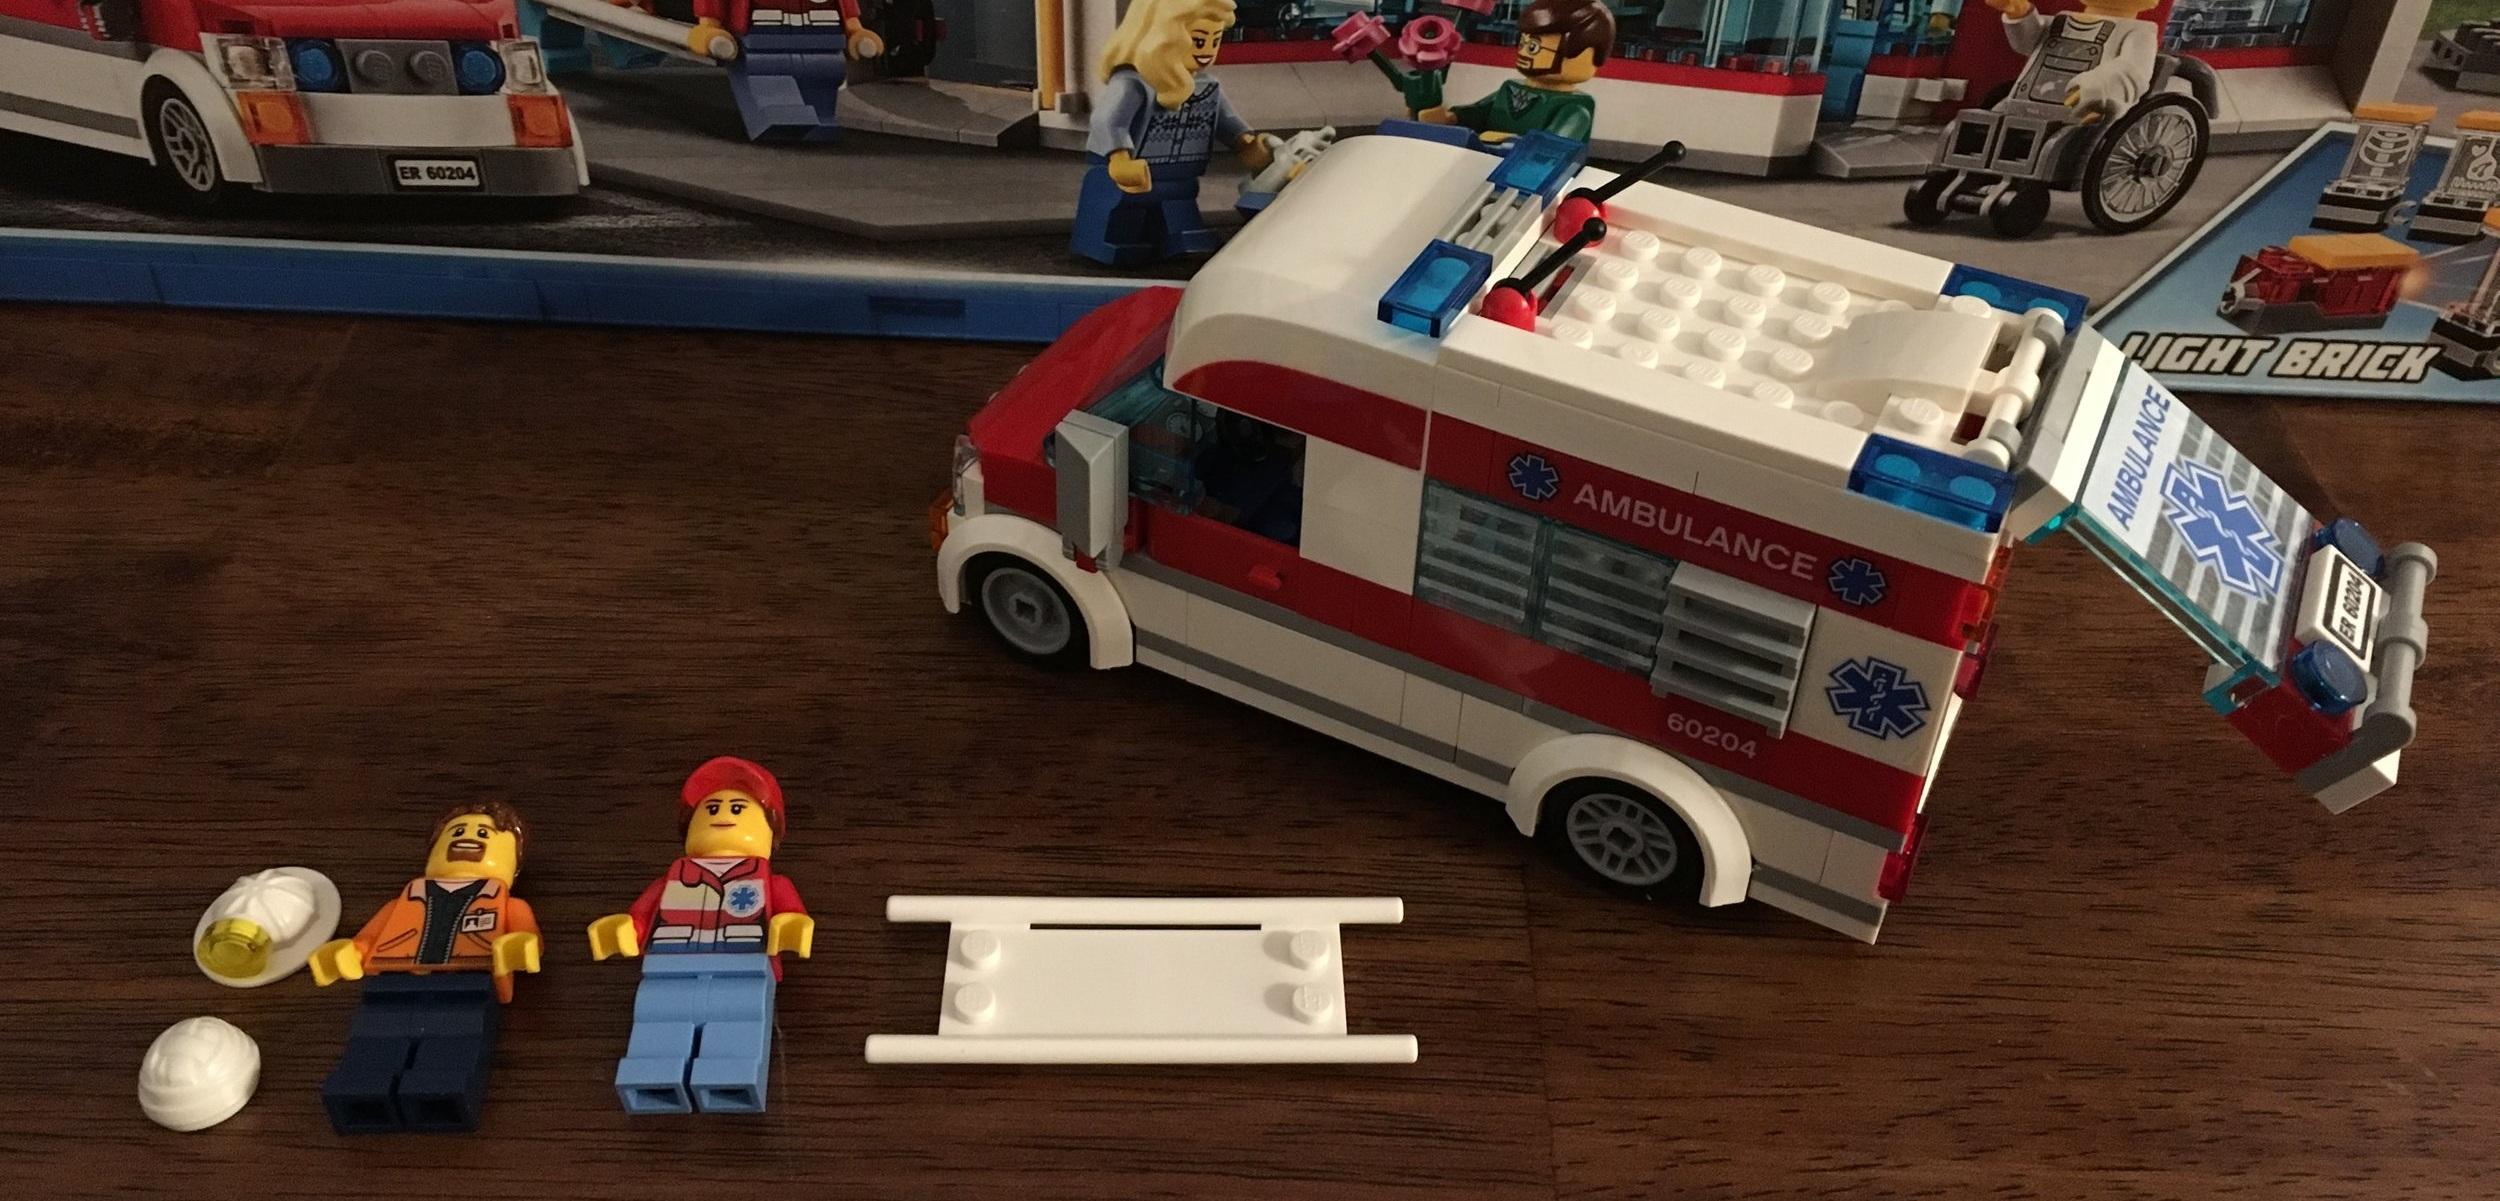 Set Review - #60204-1: City Hospital - LEGO City — Bricks for Bricks